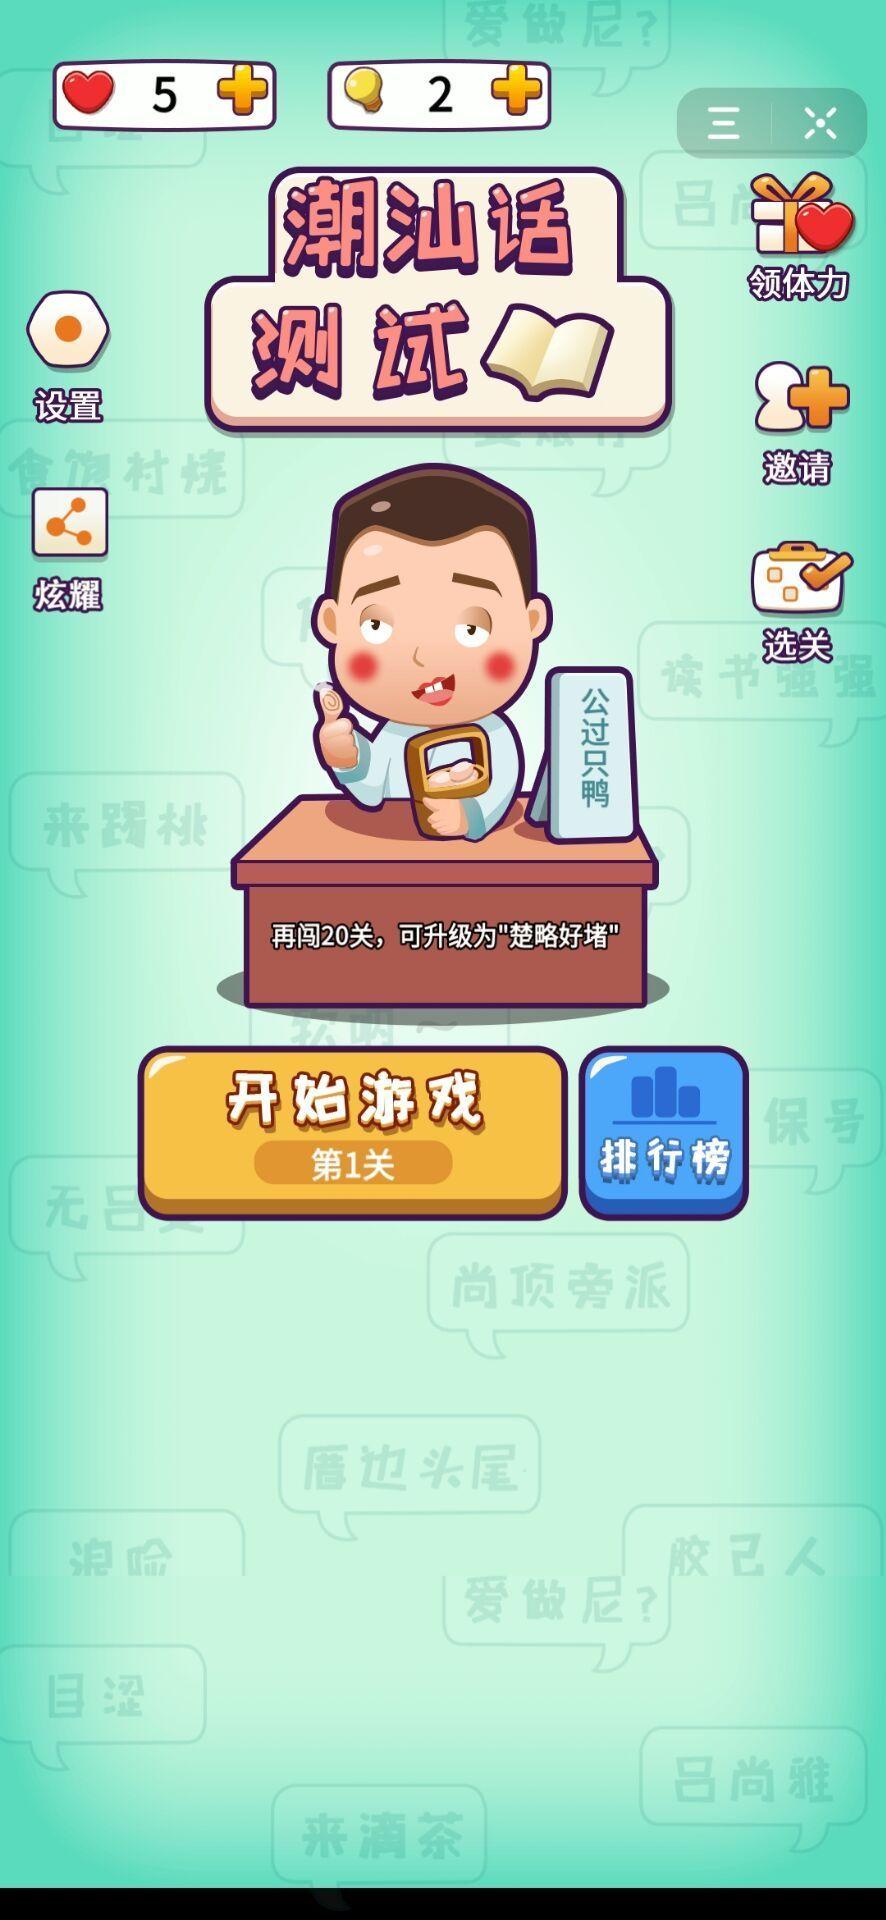 潮汕话测试游戏安卓手机版图4: